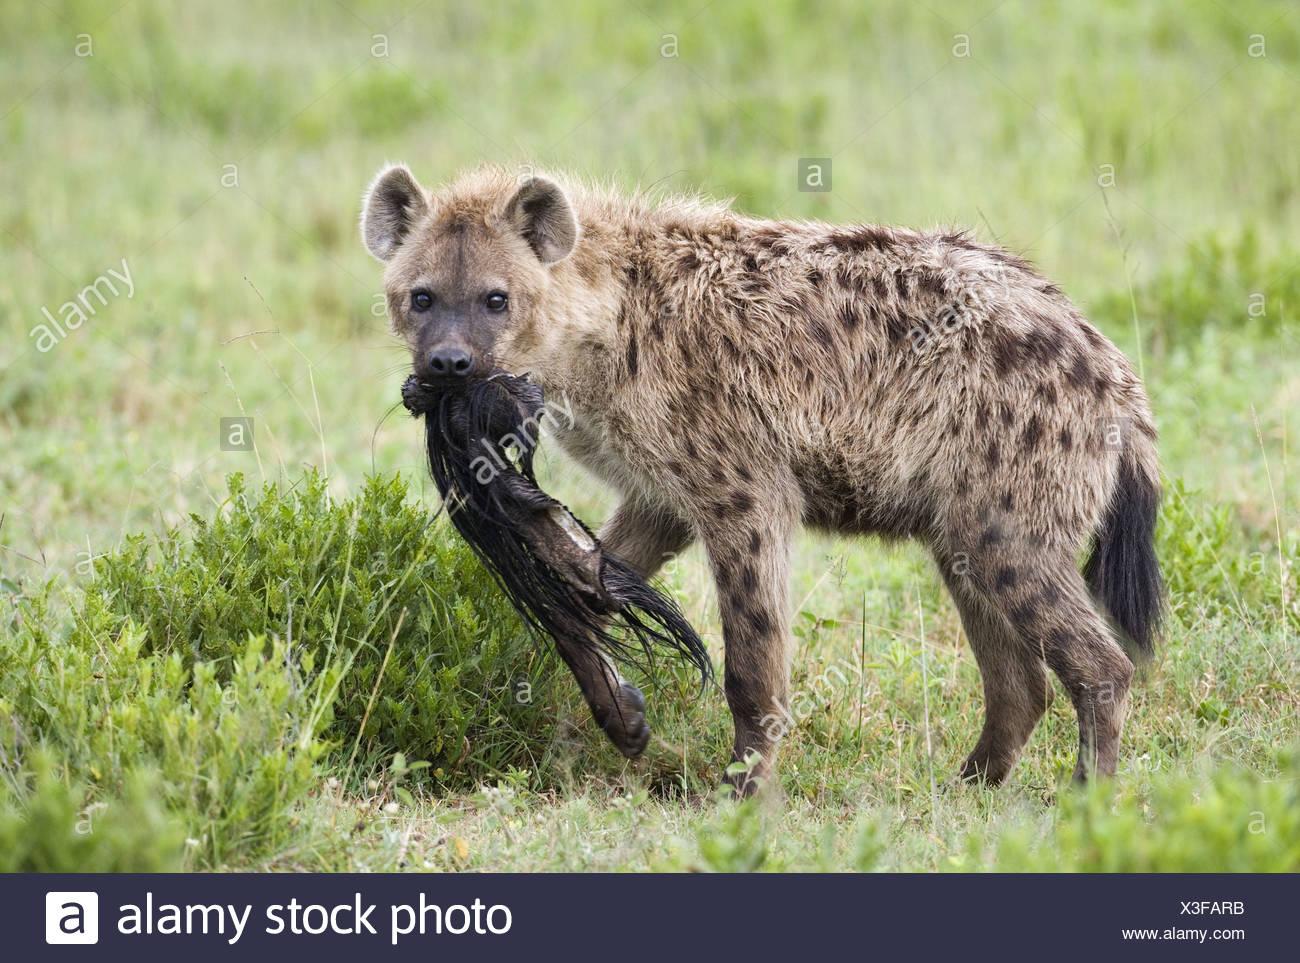 Zoology Animals Mammal Mammalian Hyenas Spotted